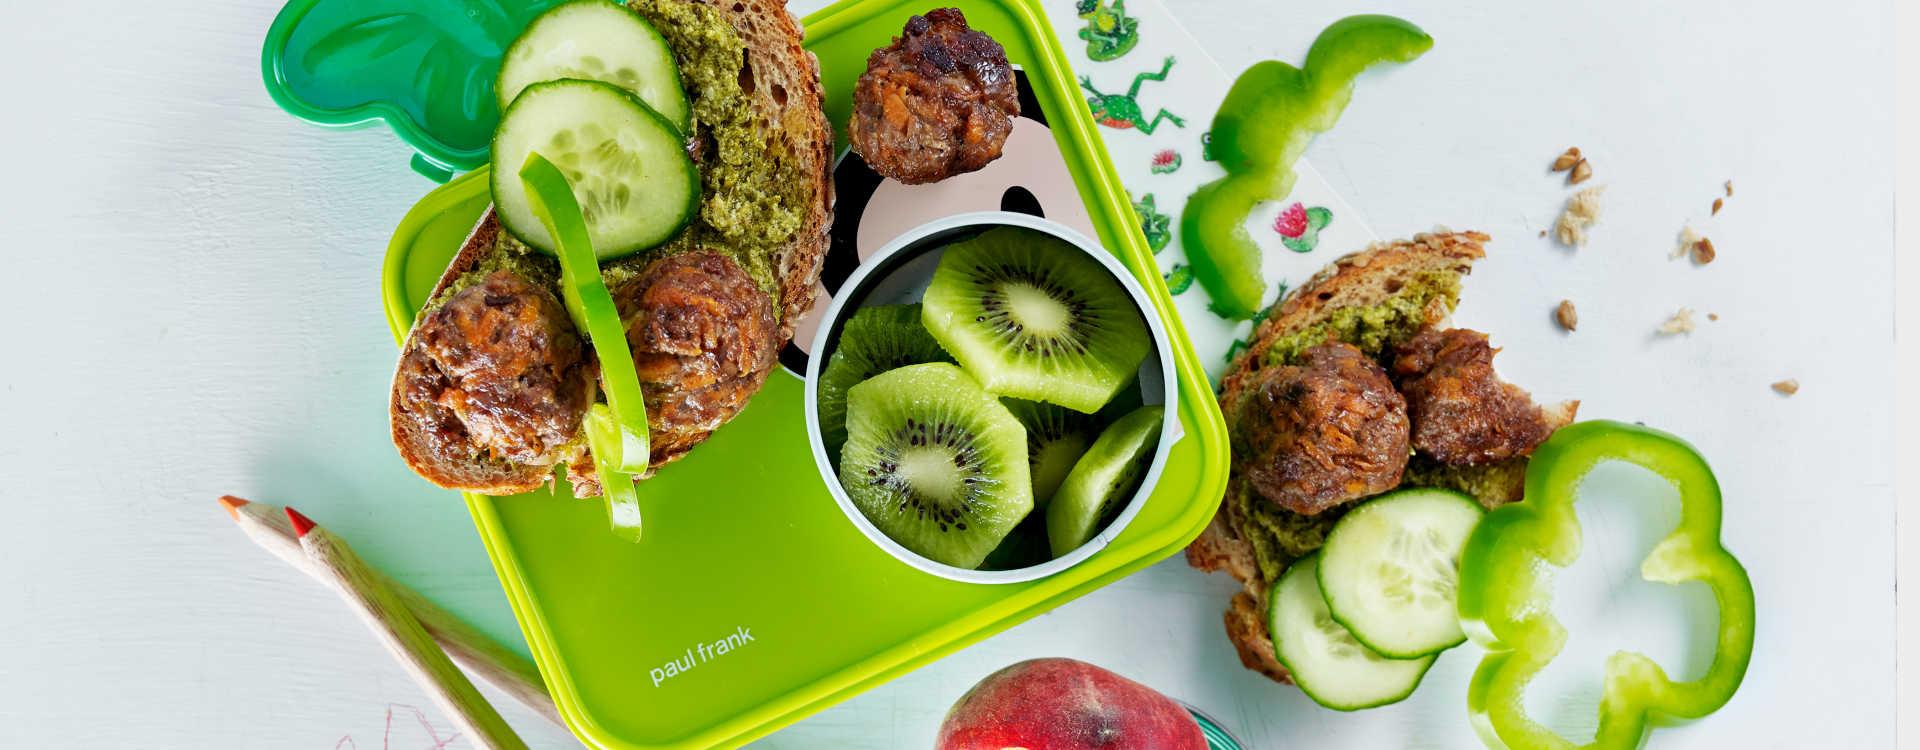 Blings smurt med pesto og halve kyllingkjøttboller med agurk og paprikabiter